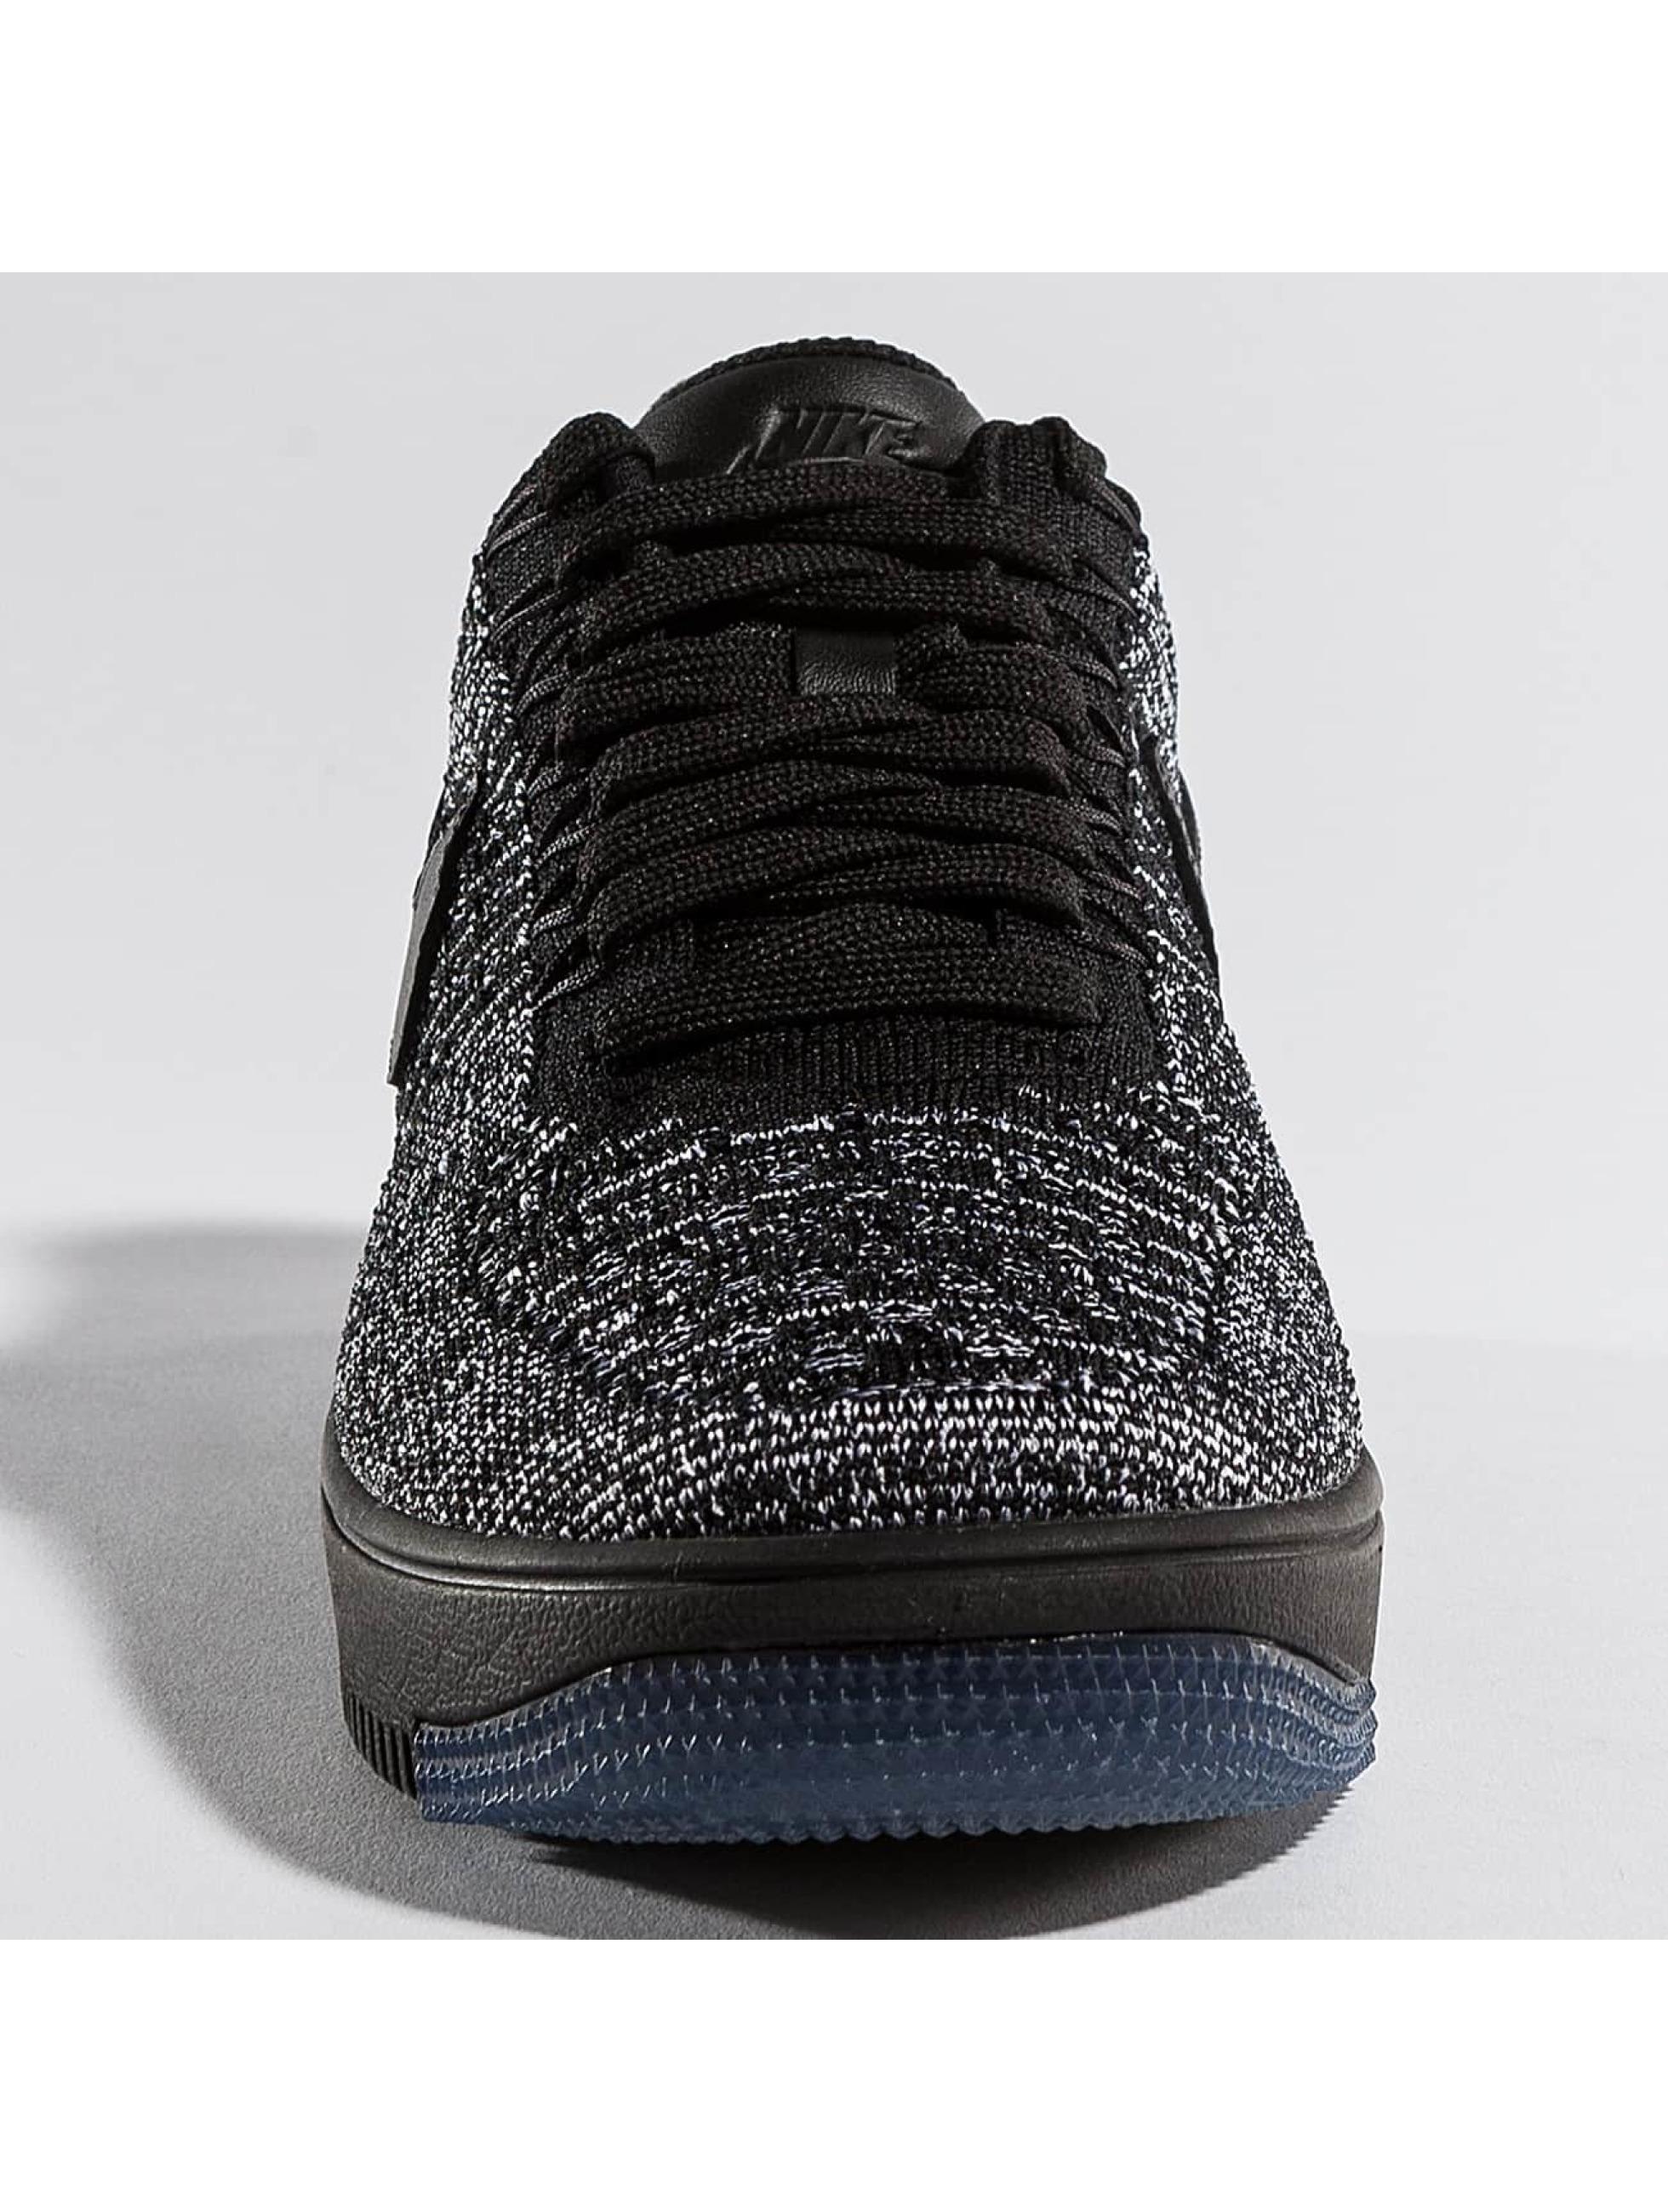 Nike Tennarit Flyknit Low musta